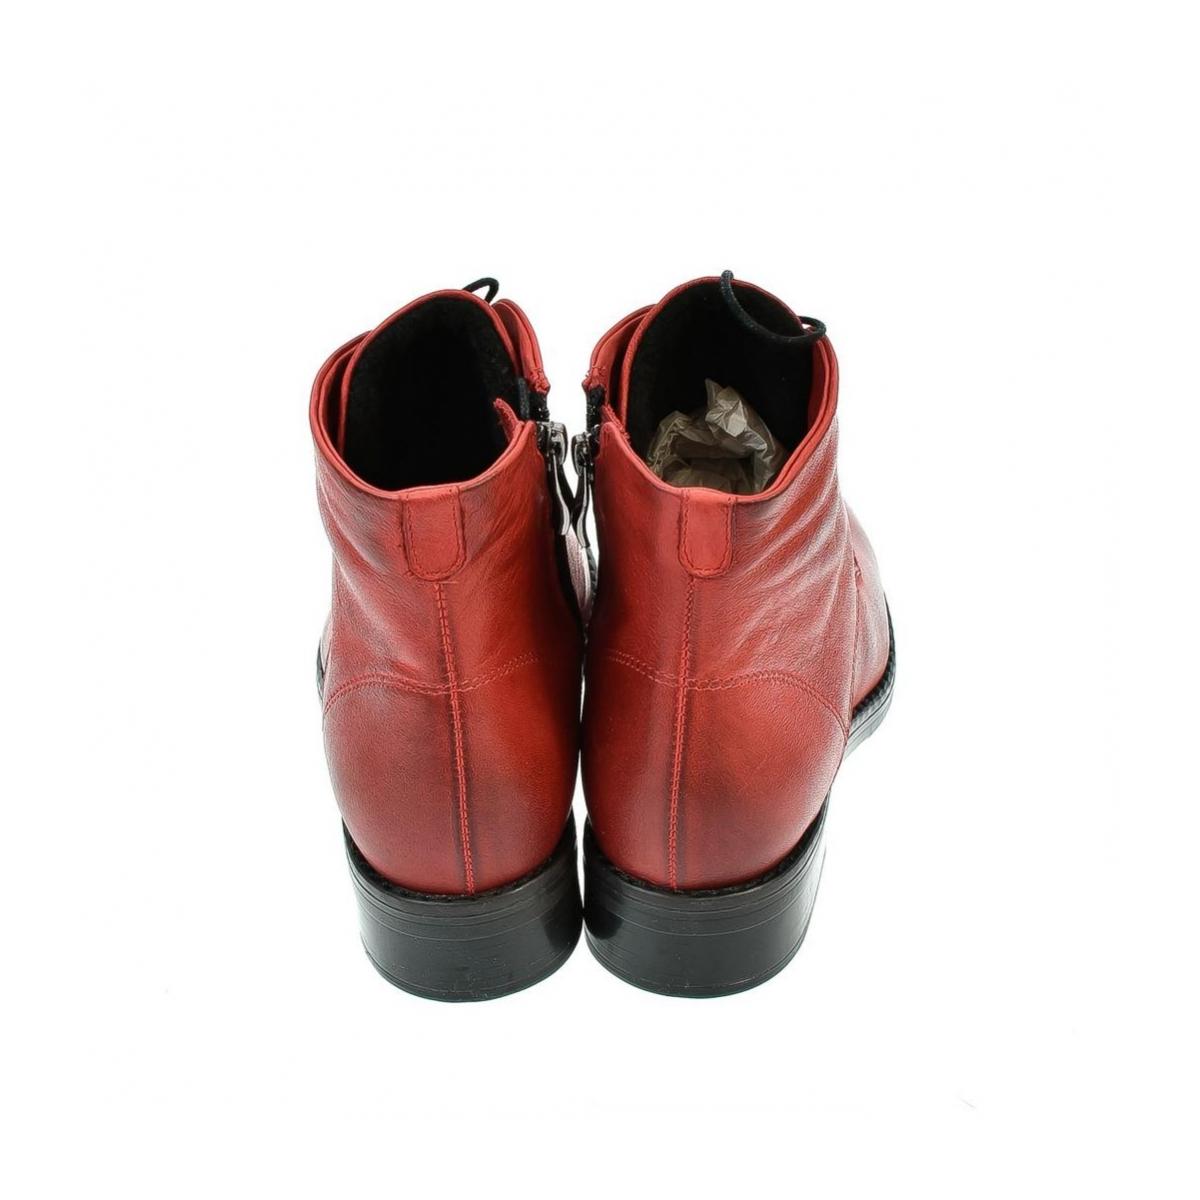 7c2c294b79c0 Dámske červené členkové kožené topánky MERICAN - 2